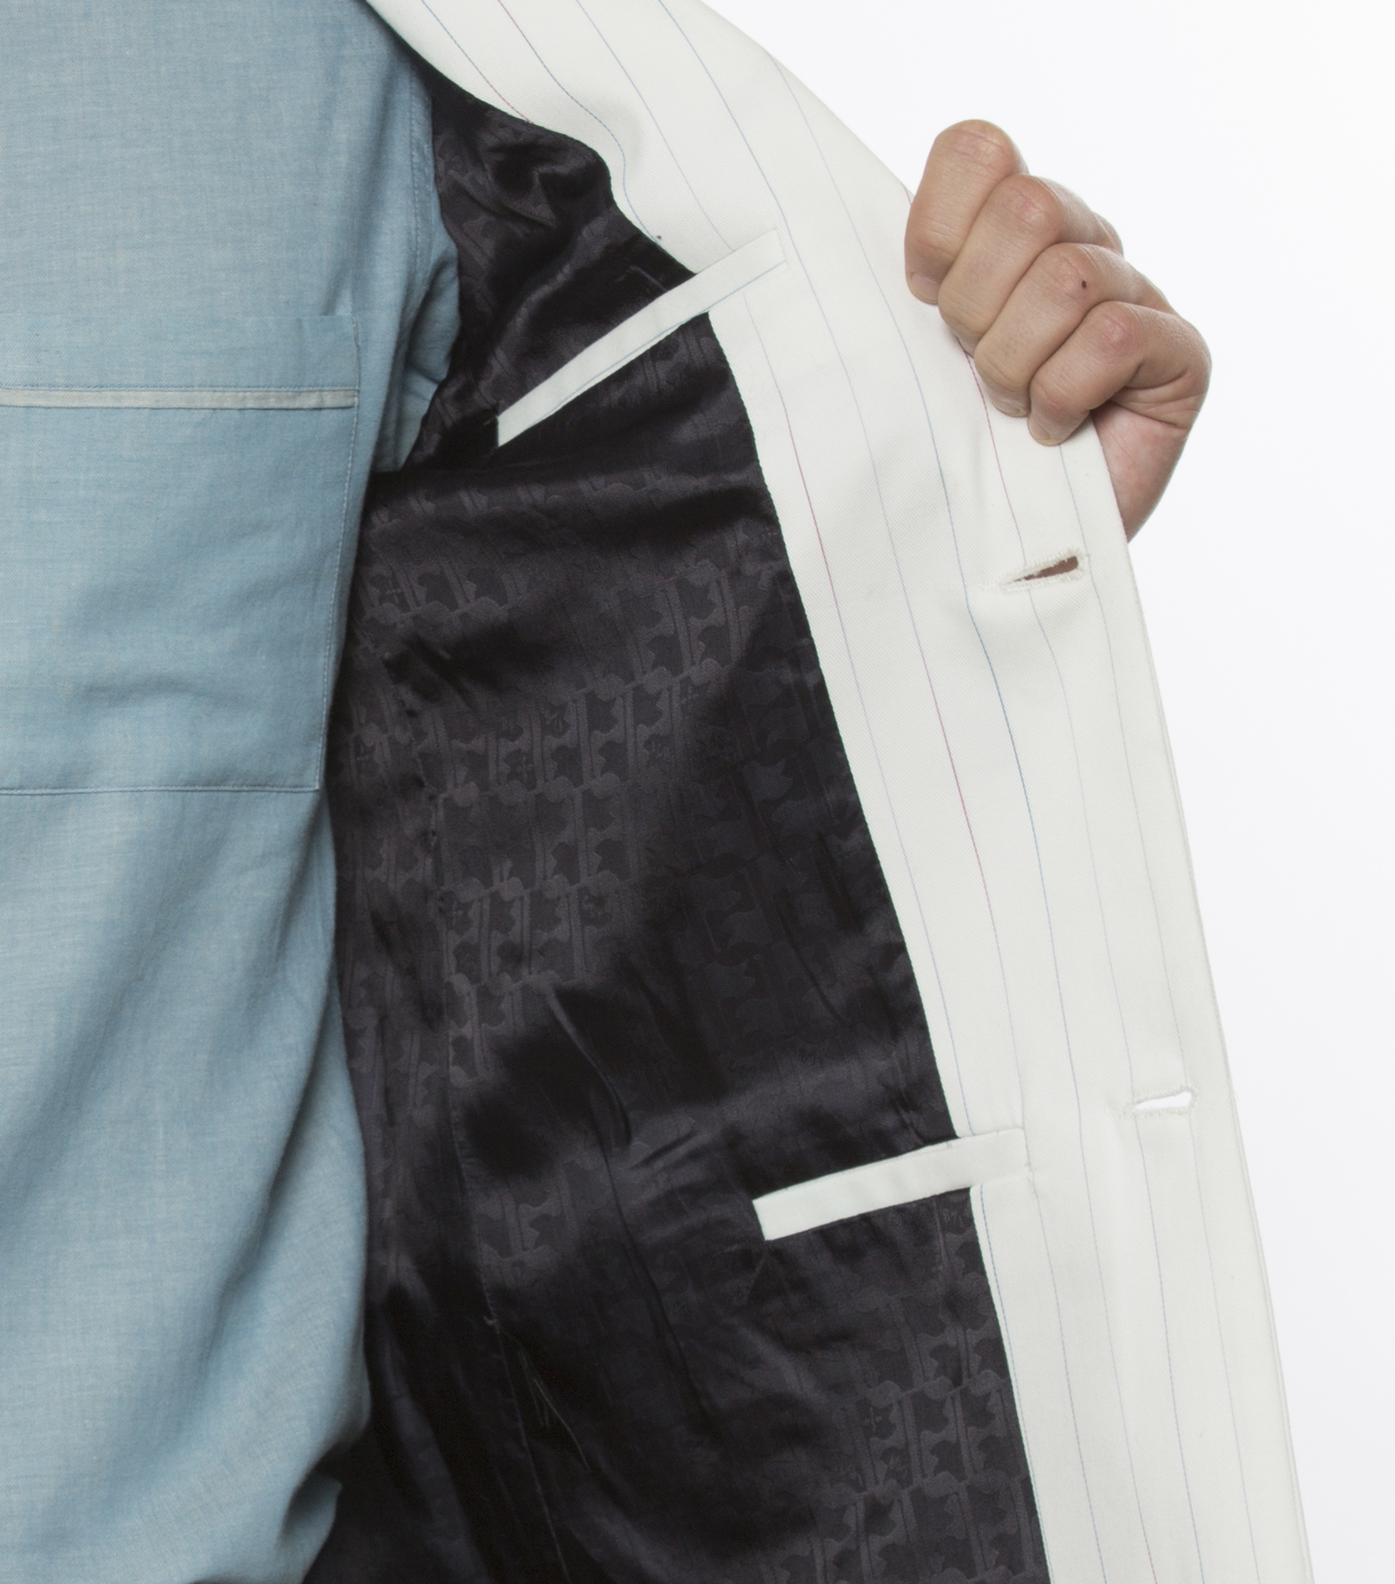 Suit Jacket Protot-S 02 - Large stripes print